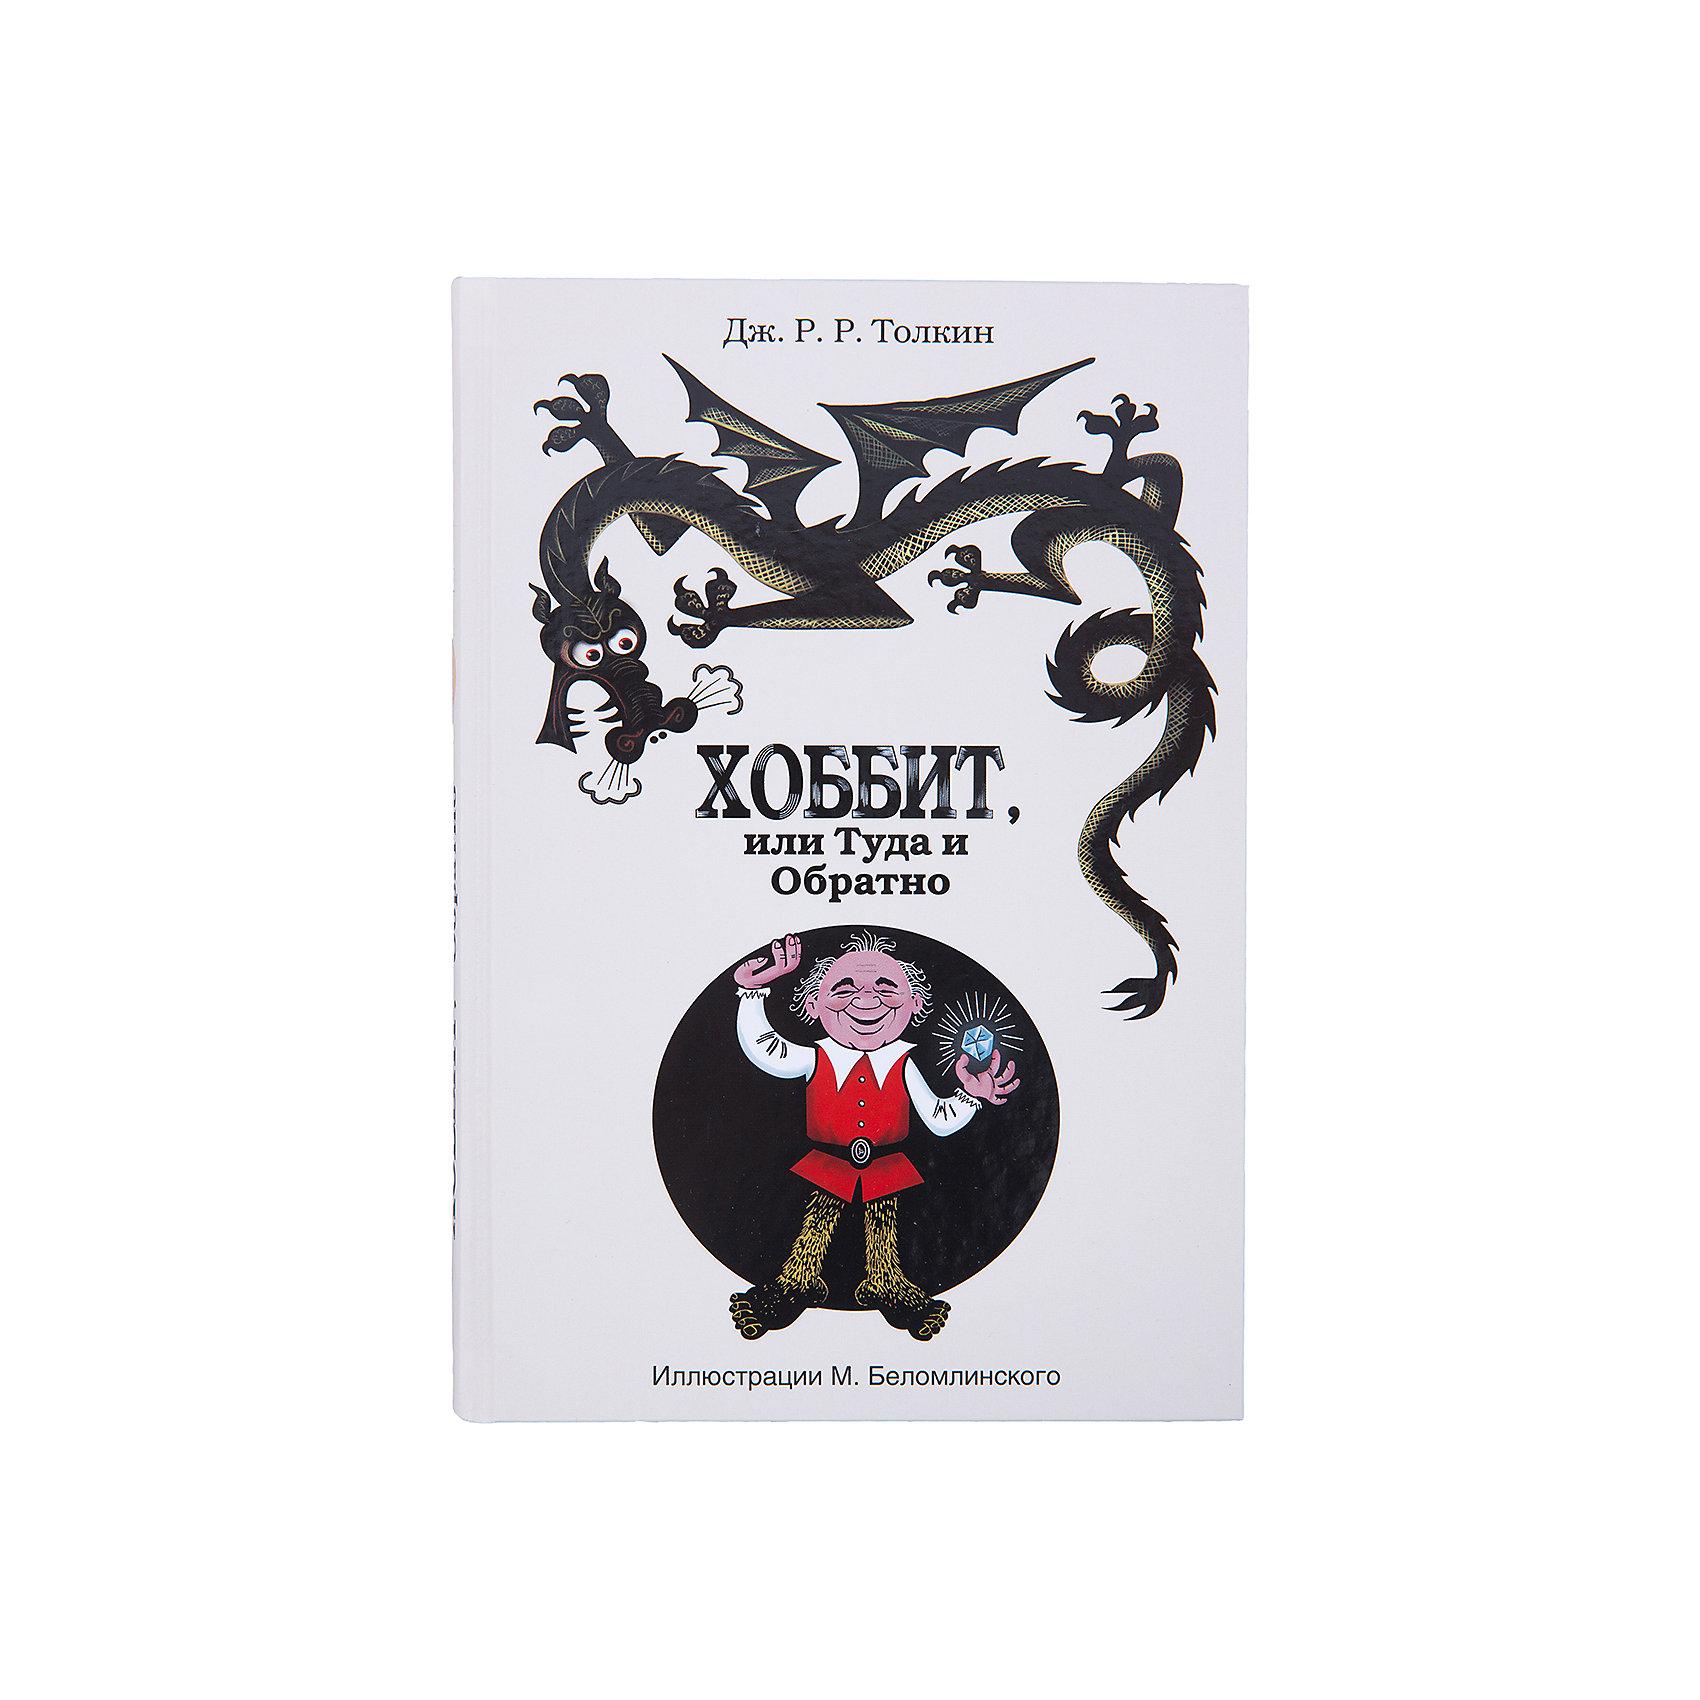 Хоббит, или туда и обратноСтрана производитель: Российская Федерация<br>Книга Хоббит, или туда и обратно, именно благодаря этой книге  Дж. Р. Р. Толкин вошел в историю. Изначально писатель придумал эту историю и рассказывал ее своим детям, а уже потом написал книгу. Попав в печать книга о приключениях хоббита Бильбо Бэггинса приобрела невероятную популярность среди читателей всех возрастов. Книга повествует нам о Средиземье, центральном континенте мира, придуманного самим Толкином, и о события предшествующих знаменитой трилогии автора – Властелина колец. Главный герой, Бильбо Бэггинс встретится с волшебником Гэндальфом, найдет себе друзей среди гномов и отправится в невероятное приключение связанное с поиском сокровищ. Книга имеет интересное оформление и иллюстрации художника К. Беломлинского.<br><br>- год выпуска: 2016<br>- количество страниц: 256<br>- формат: 24,3 * 16,9 * 2 см.<br>- переплет: твердый<br>- вес: 615 гр.<br><br>Книгу «Хоббит, или туда и обратно» можно купить в нашем интернет - магазине.<br>Подробнее:<br>• ISBN: 9785170817603 <br>• Для детей в возрасте: от 7 лет. <br>• Номер товара: 4902206<br>Страна производитель: Российская Федерация<br><br>Ширина мм: 21<br>Глубина мм: 162<br>Высота мм: 235<br>Вес г: 615<br>Возраст от месяцев: 84<br>Возраст до месяцев: 2147483647<br>Пол: Унисекс<br>Возраст: Детский<br>SKU: 4902206